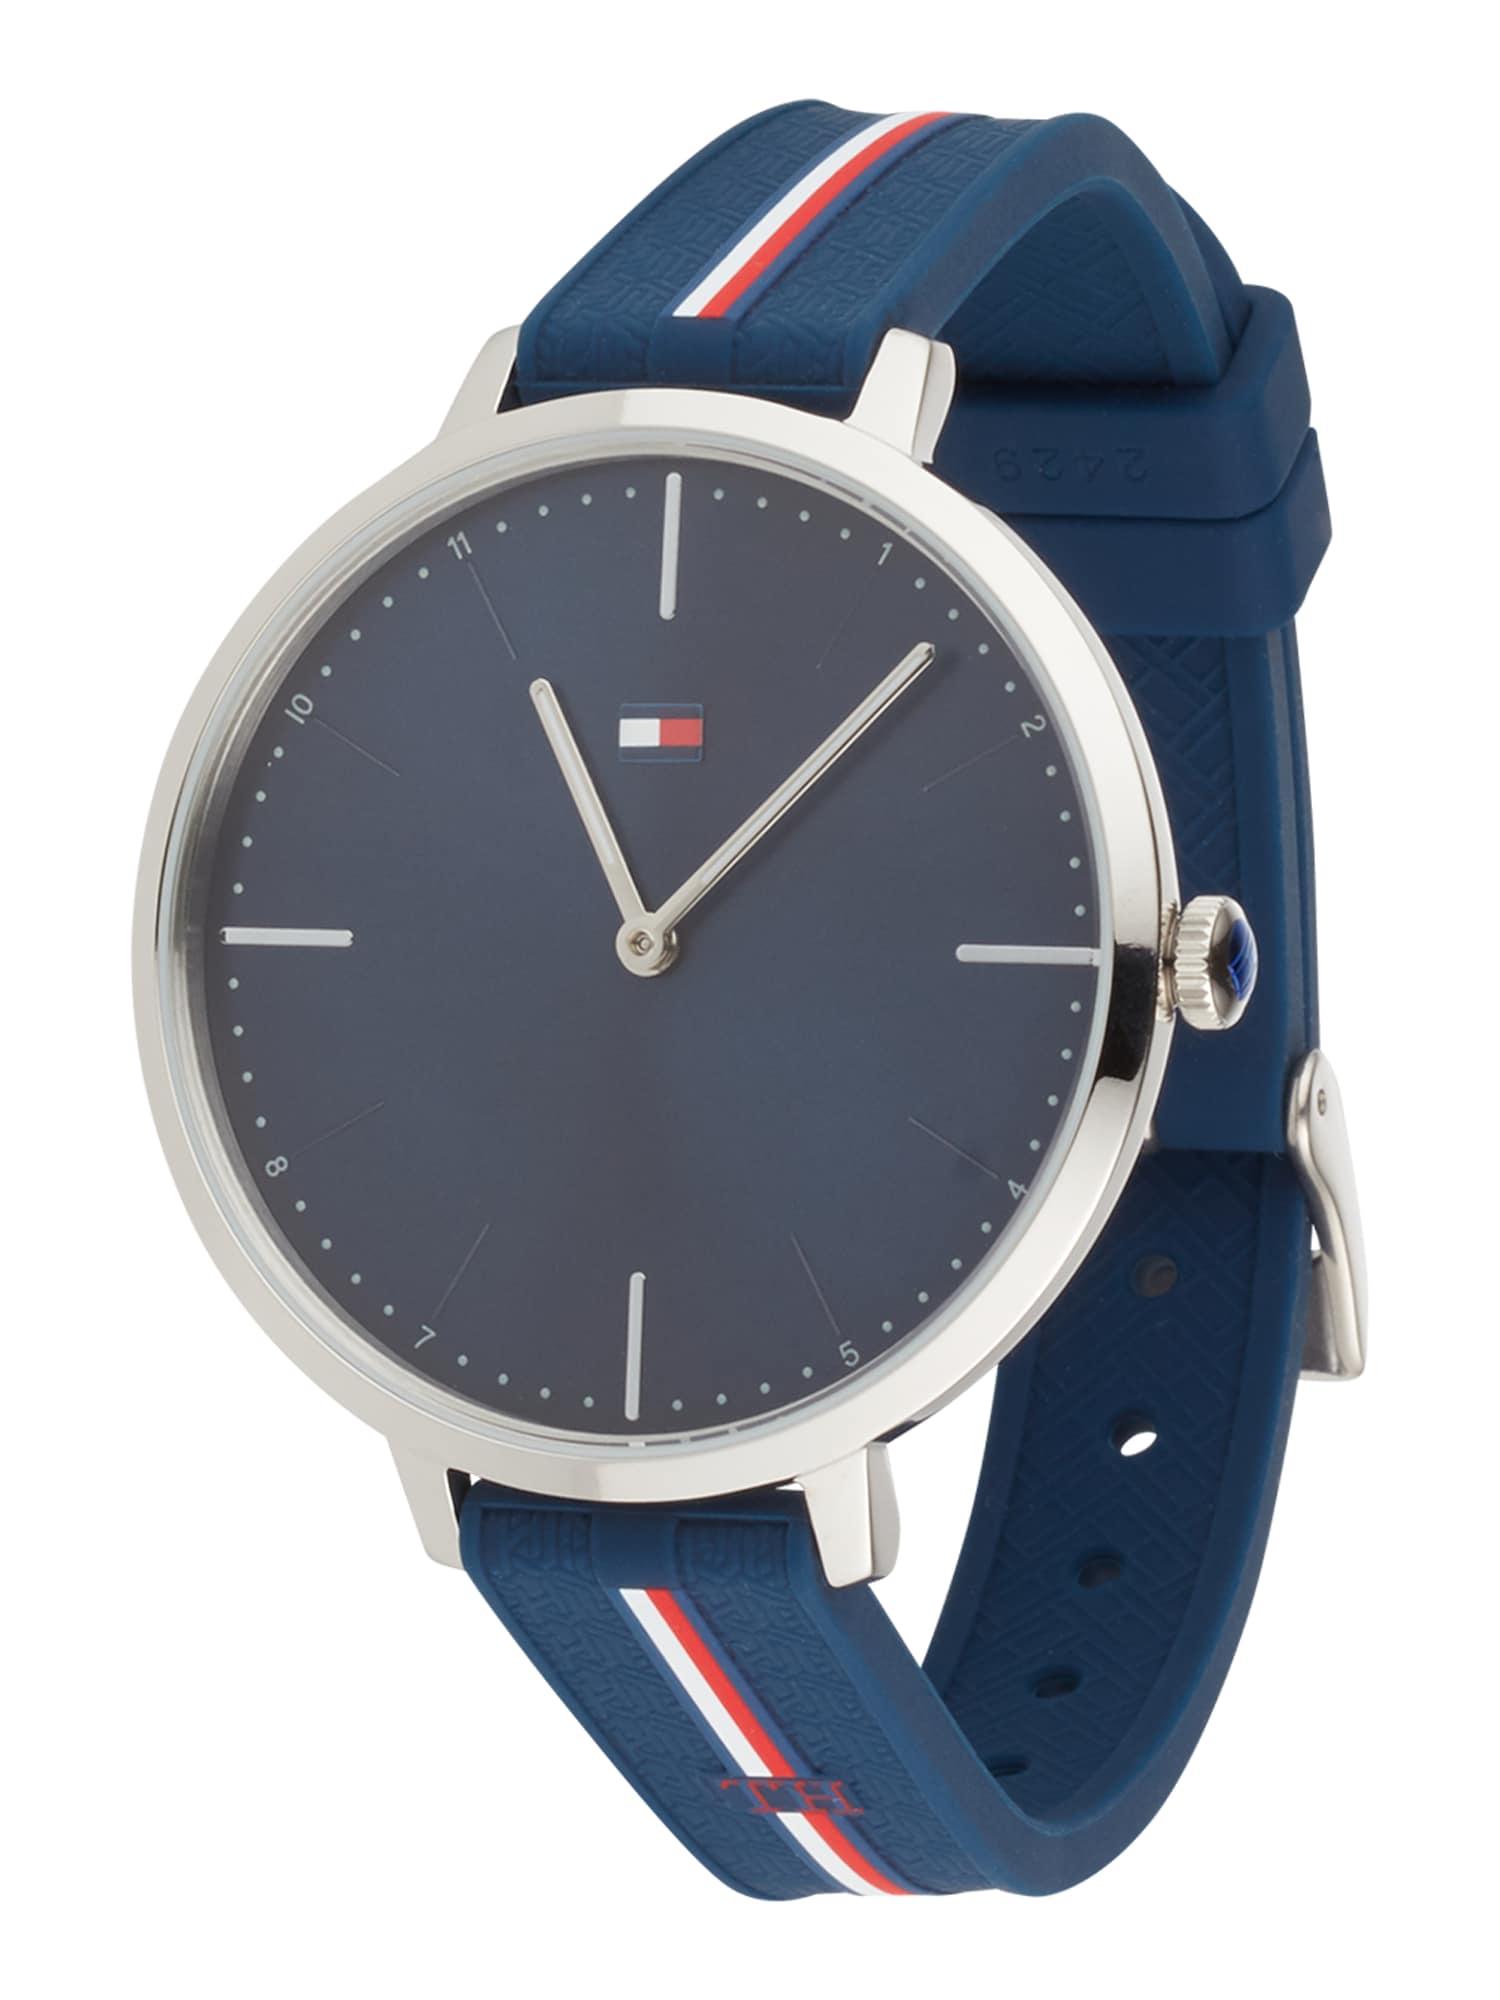 TOMMY HILFIGER Analoginis (įprasto dizaino) laikrodis margai raudona / sidabrinė / balta / tamsiai mėlyna